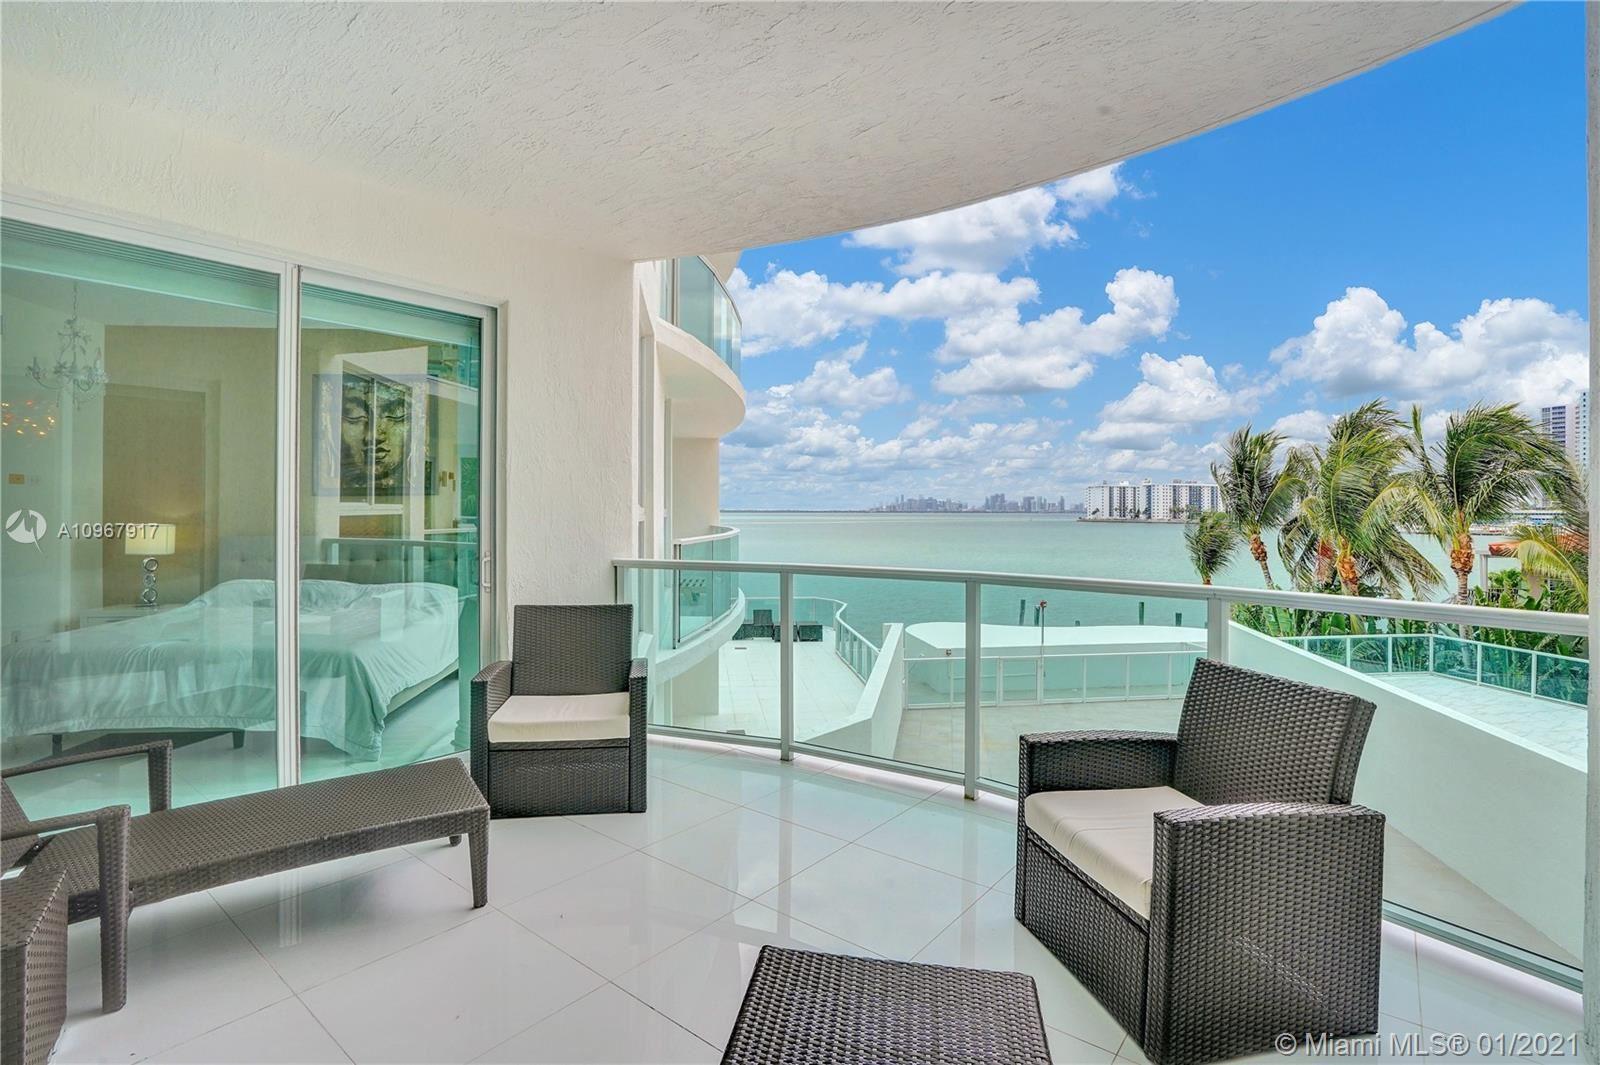 1910 Bay Dr #302, Miami Beach, FL 33141 - #: A10967917